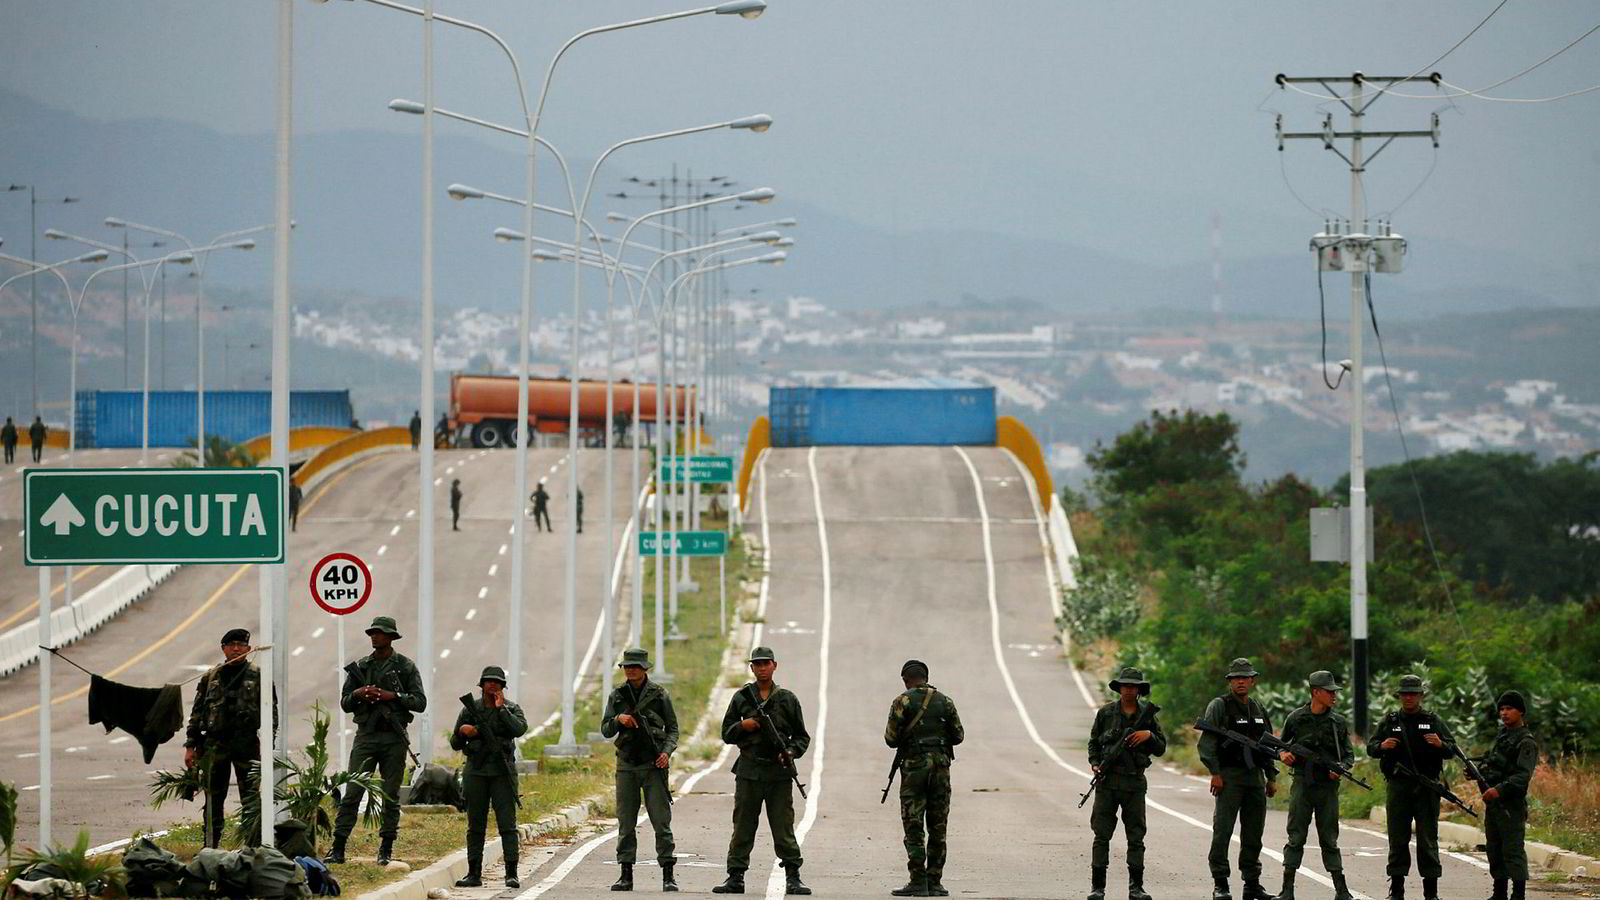 Det er fare for sammenstøt på grensen mellom Colombia og Venezuela lørdag, når opposisjonen vil prøve å få nødhjelp inn i landet. President Nicolás Maduros regime har stengt grensebroen ved byen Cucuta med store containere.